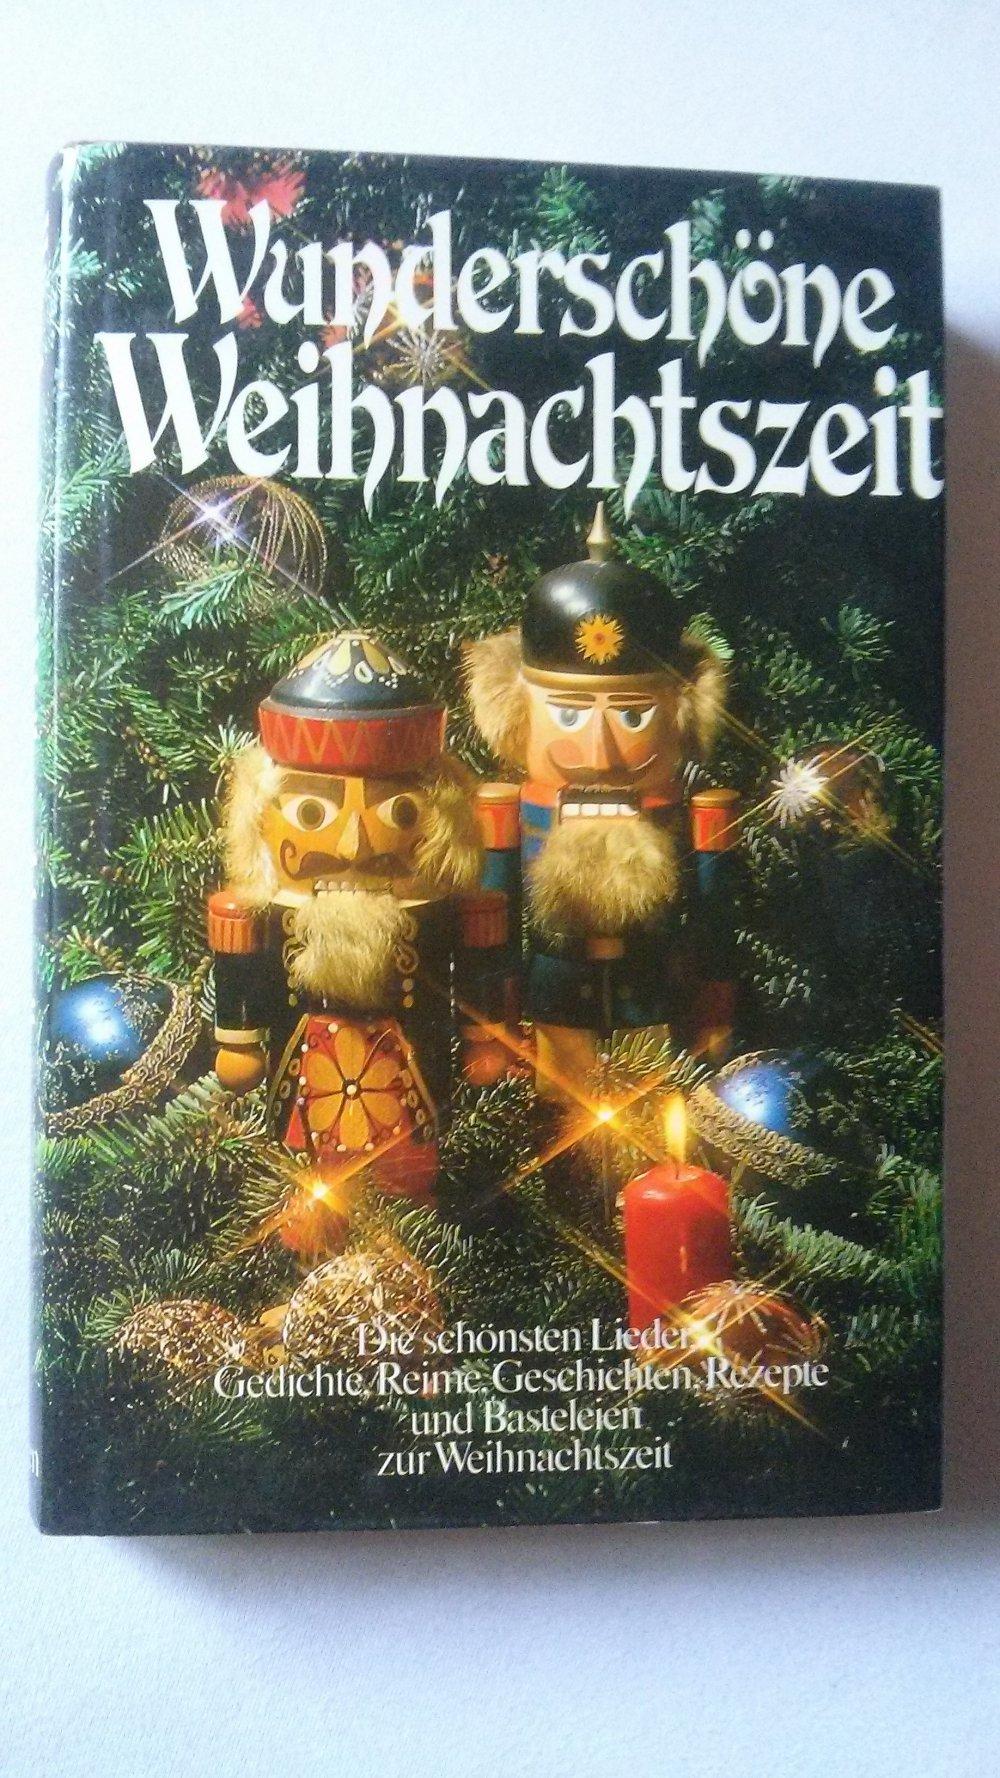 Weihnachten Advent Familie Wunderschöne Weihnachtszeit Lieder Gedichte Rezepte Geschichten